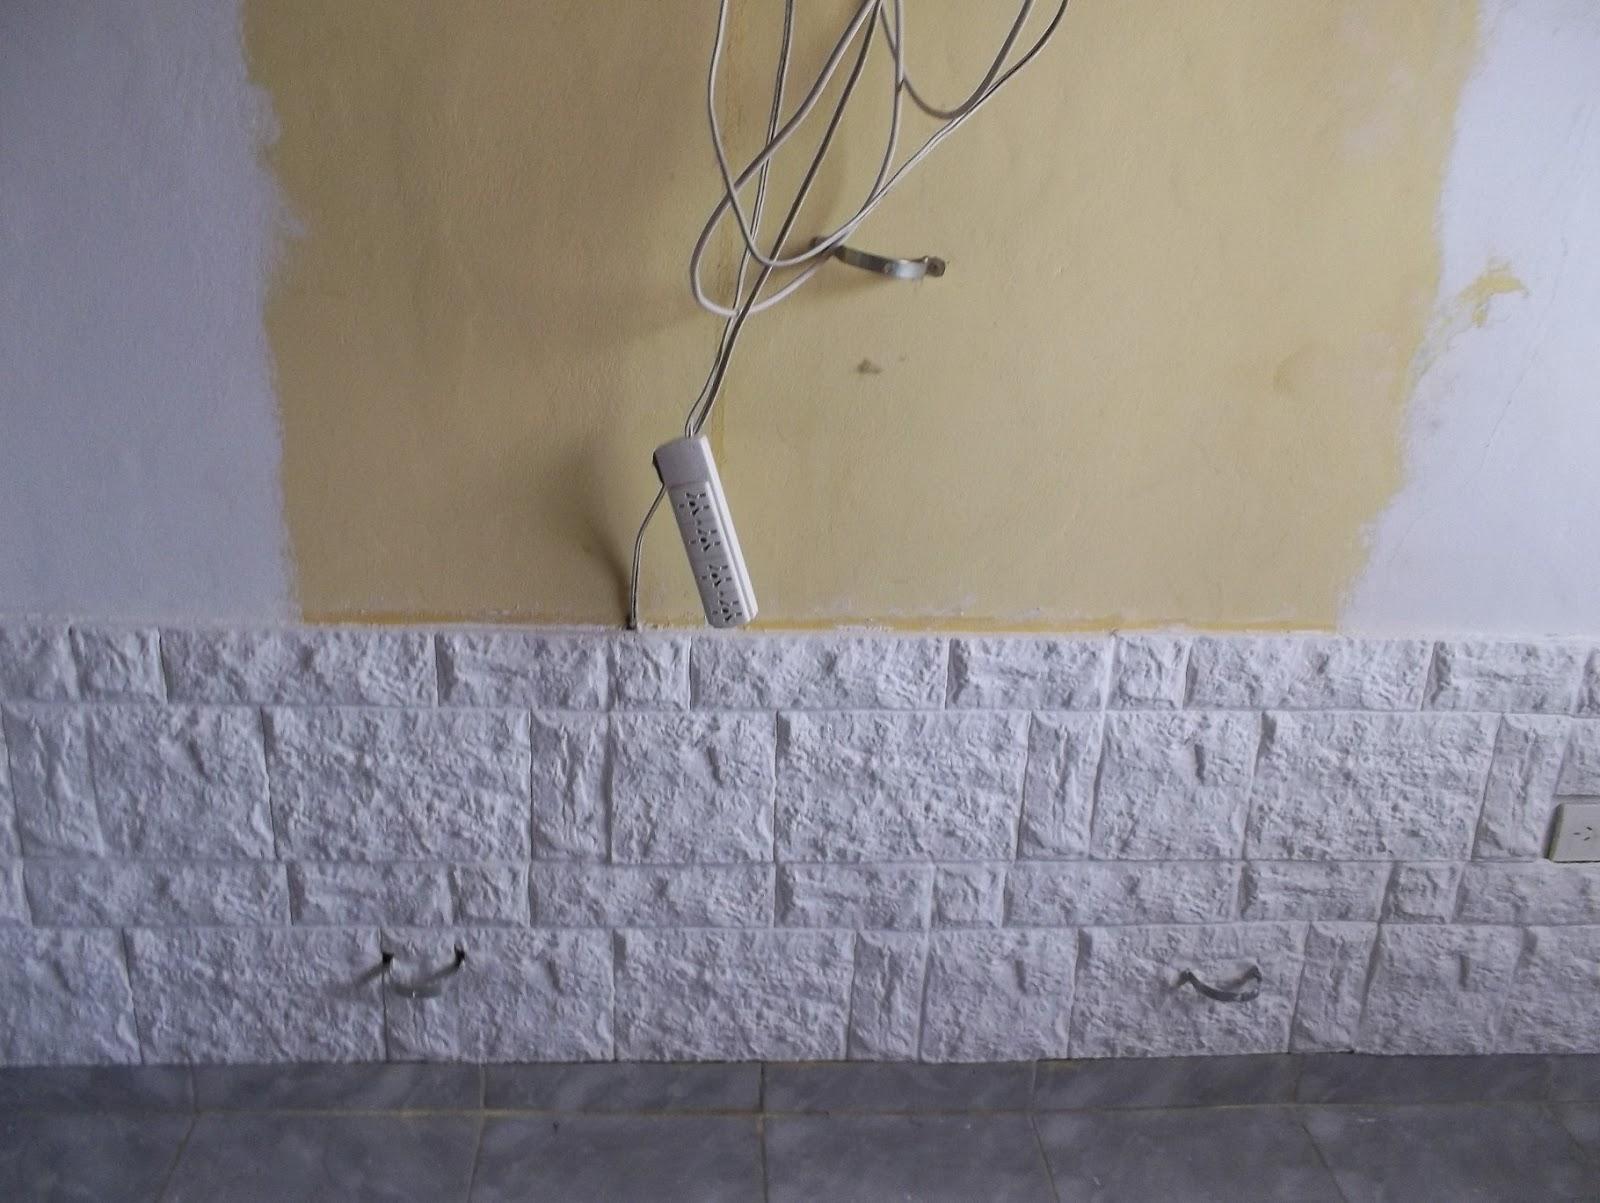 Construye tu placas de yeso en paredes con humedad - Papel para paredes con humedad ...